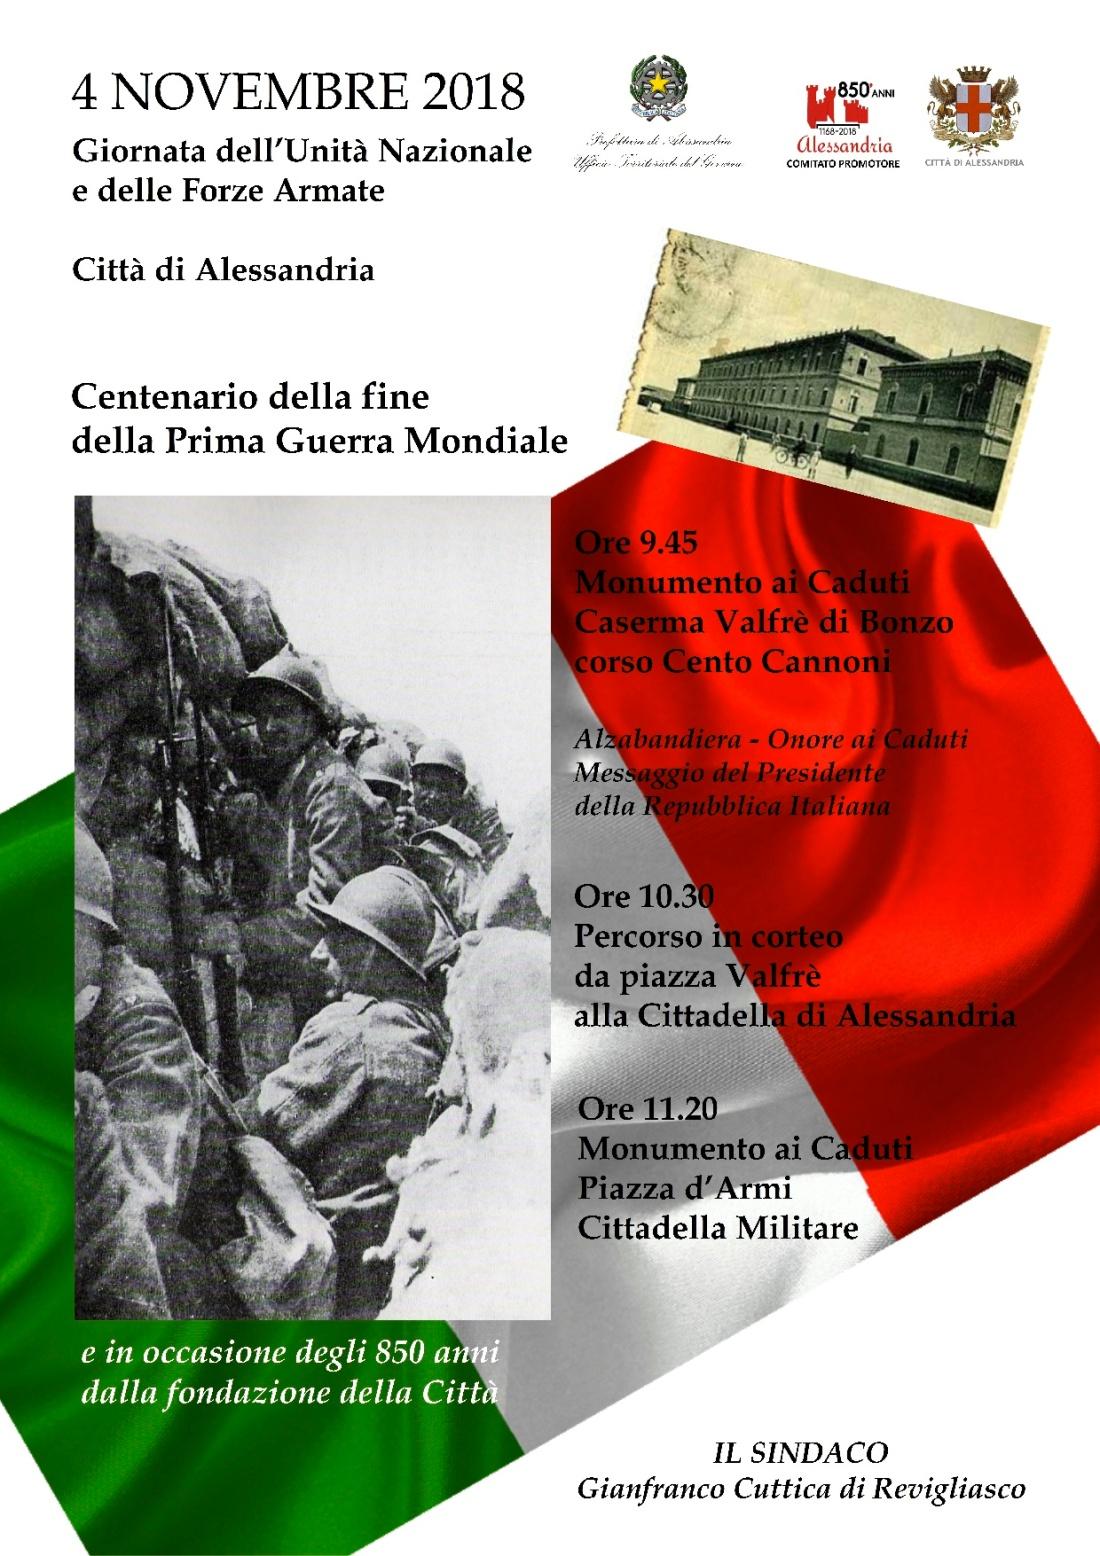 com Manifesto Cerimonia Alessandria 04-11-218